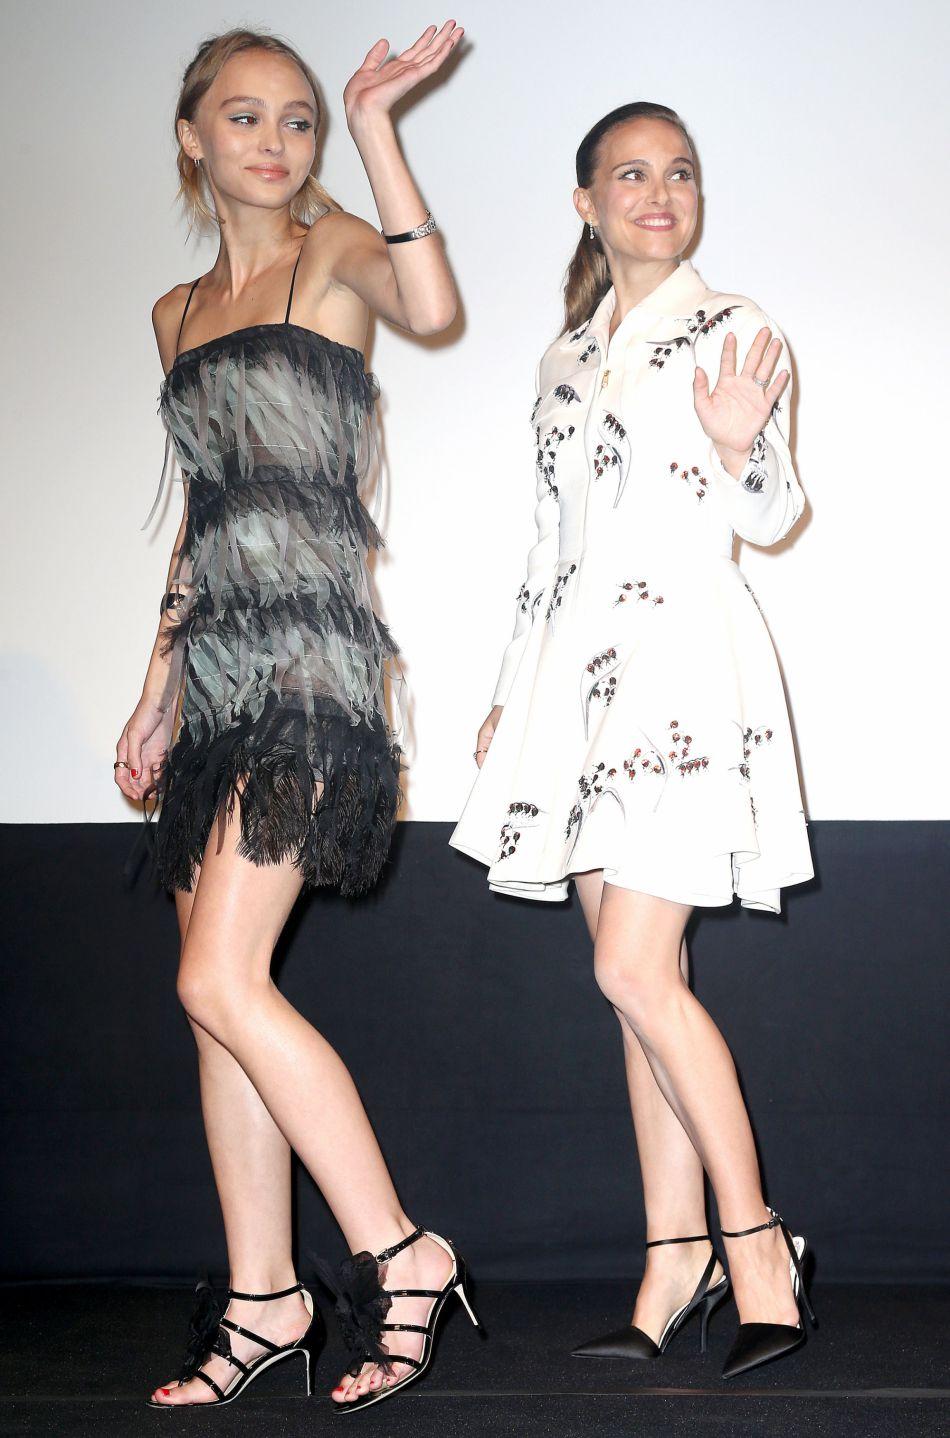 Soeurs médiums, les personnages de Natalie Portman et Lily-Rose Depp arrivent à Paris et rêvent de gloire.